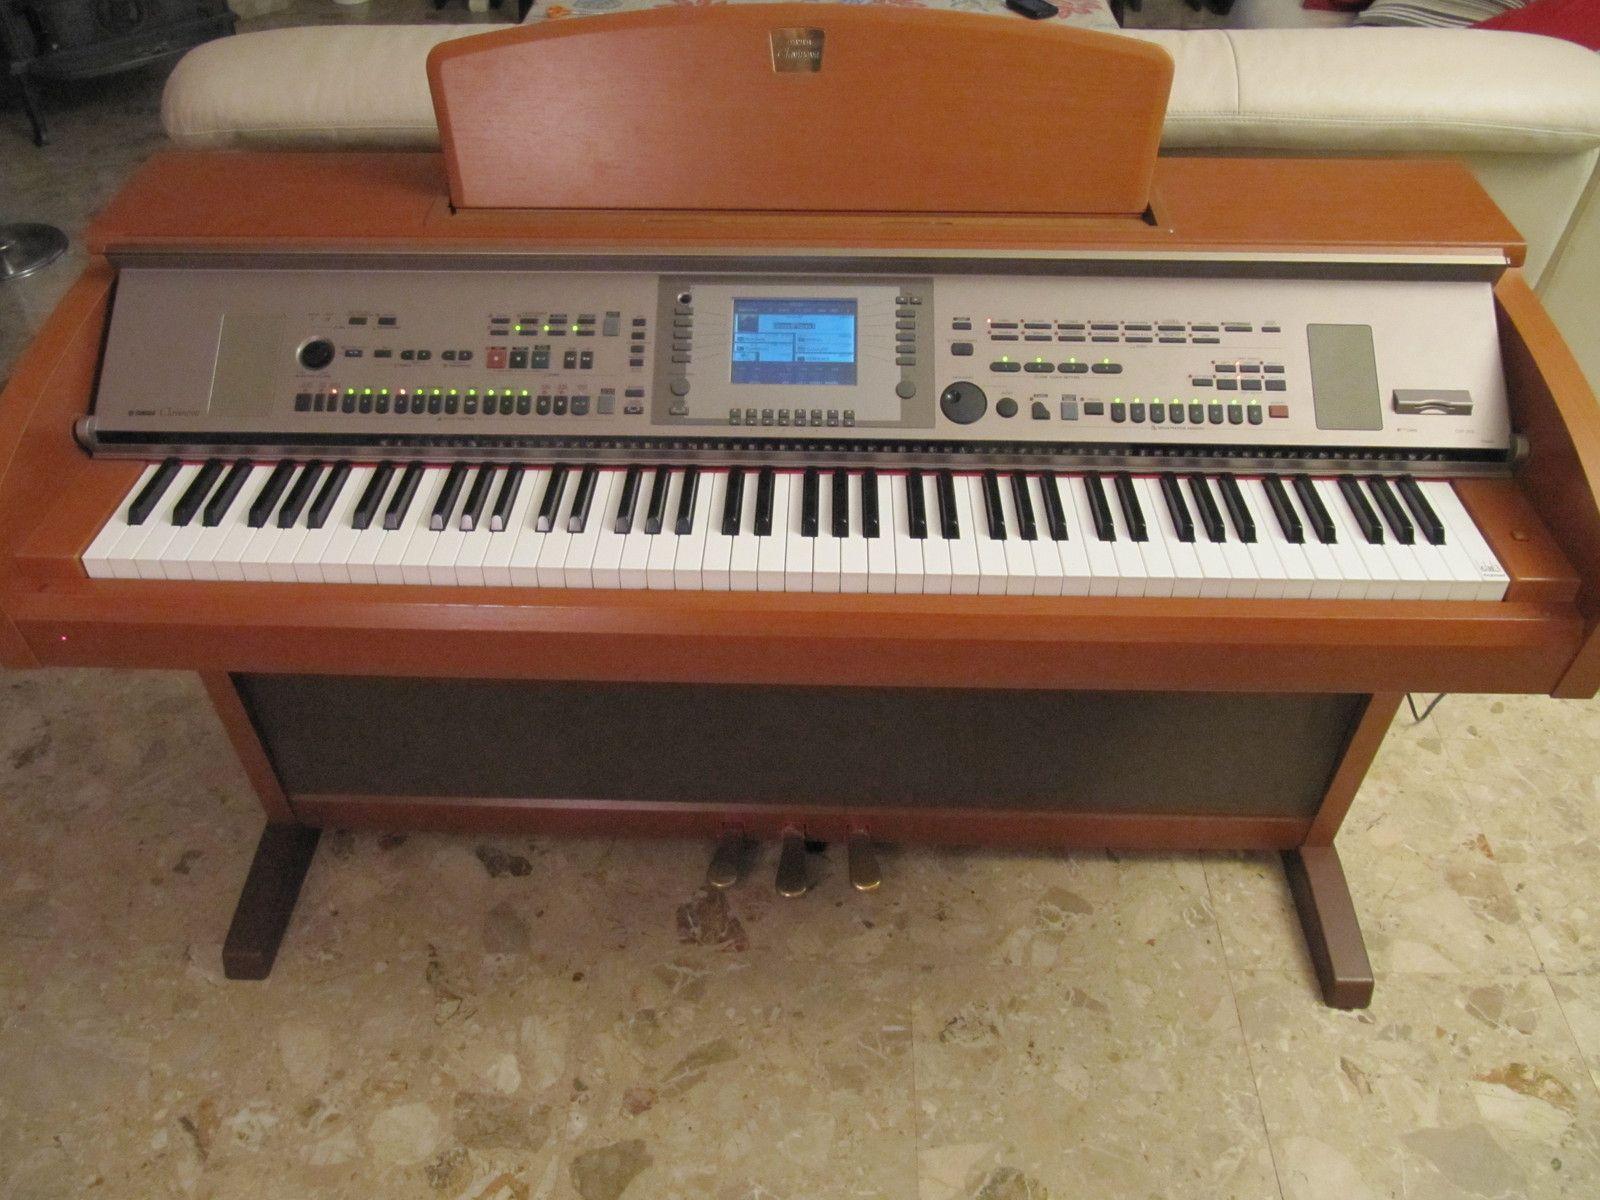 Yamaha Cvp 305 Image 193269 Audiofanzine